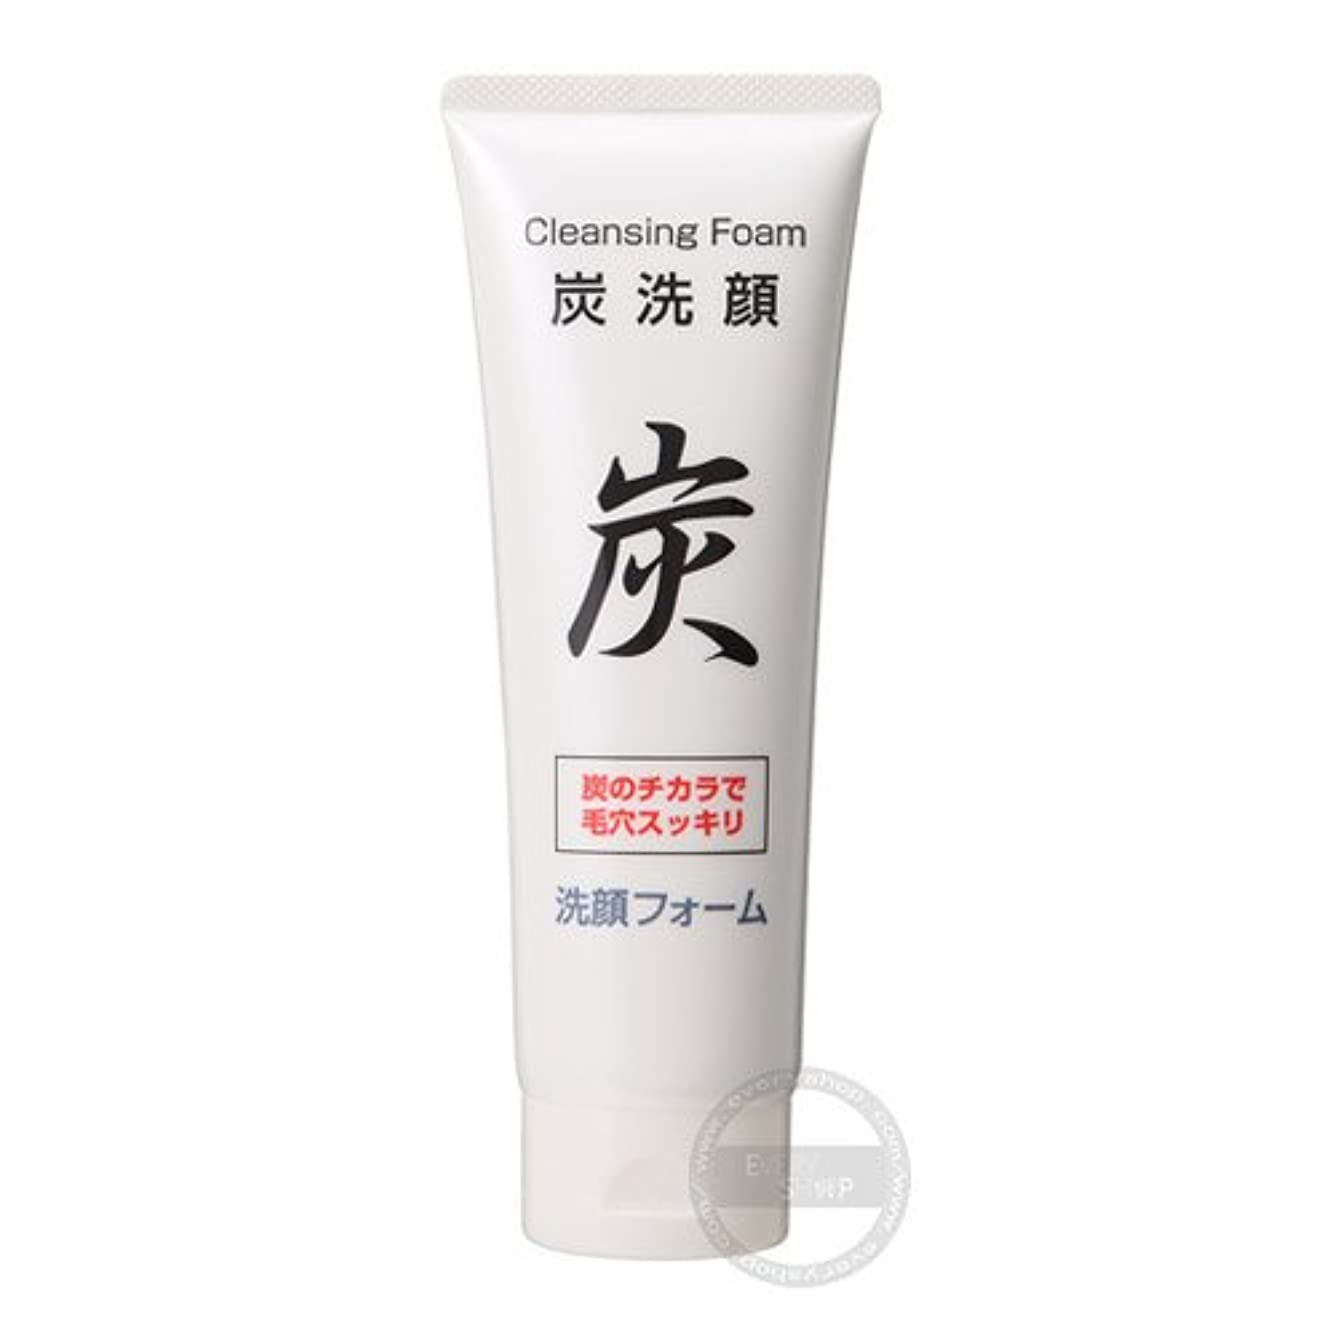 アベニューローププロペラ炭洗顔 洗顔フォーム‐KH544725